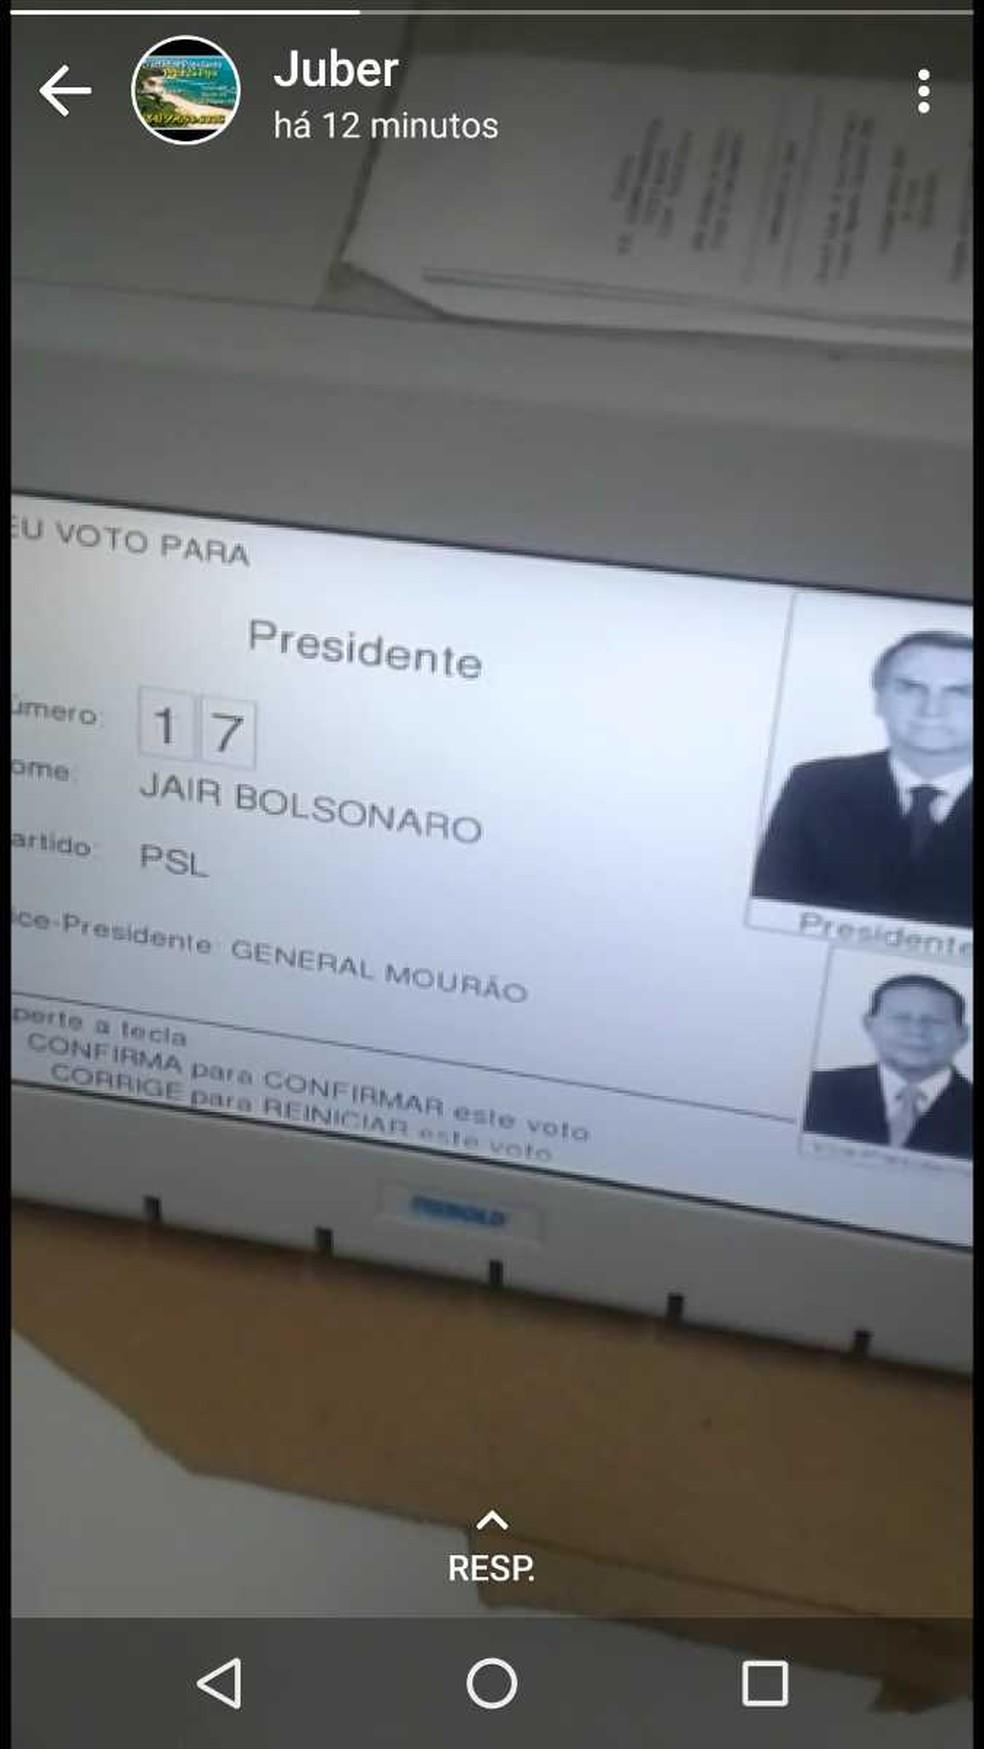 Eleitor registrou em vídeo voto na urna eletrônica e postou no WhatsApp — Foto: Divulgação/TRE-PB